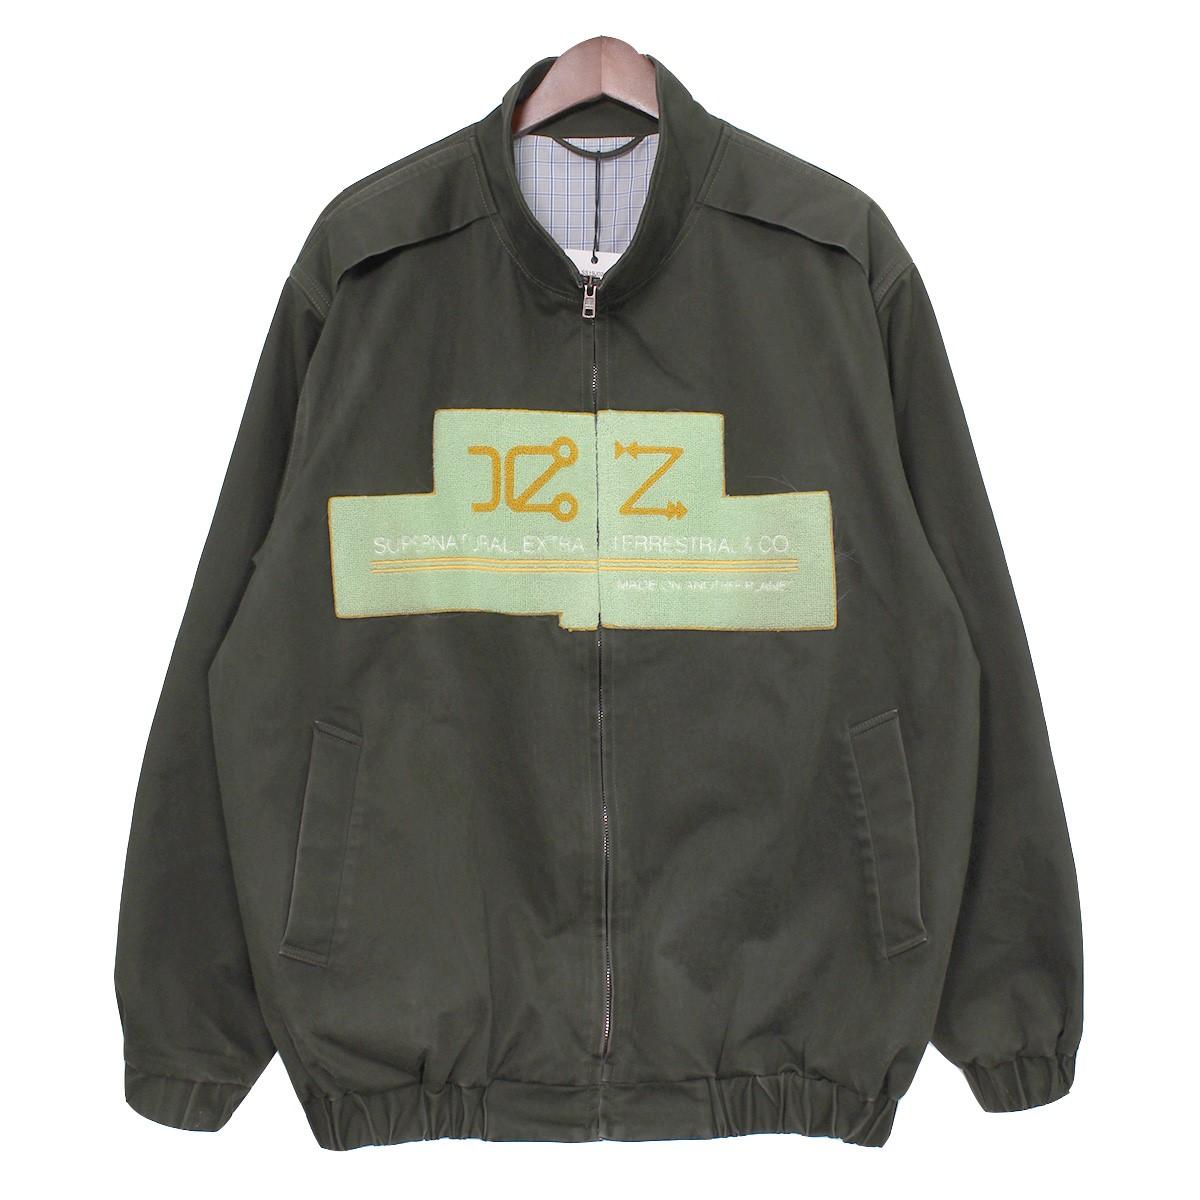 【中古】XANDER ZHOU19SS Embroidery Logo Zip Up Jacket ロゴジップアップジャケット ARMY(カーキ) サイズ:48 【3月30日見直し】